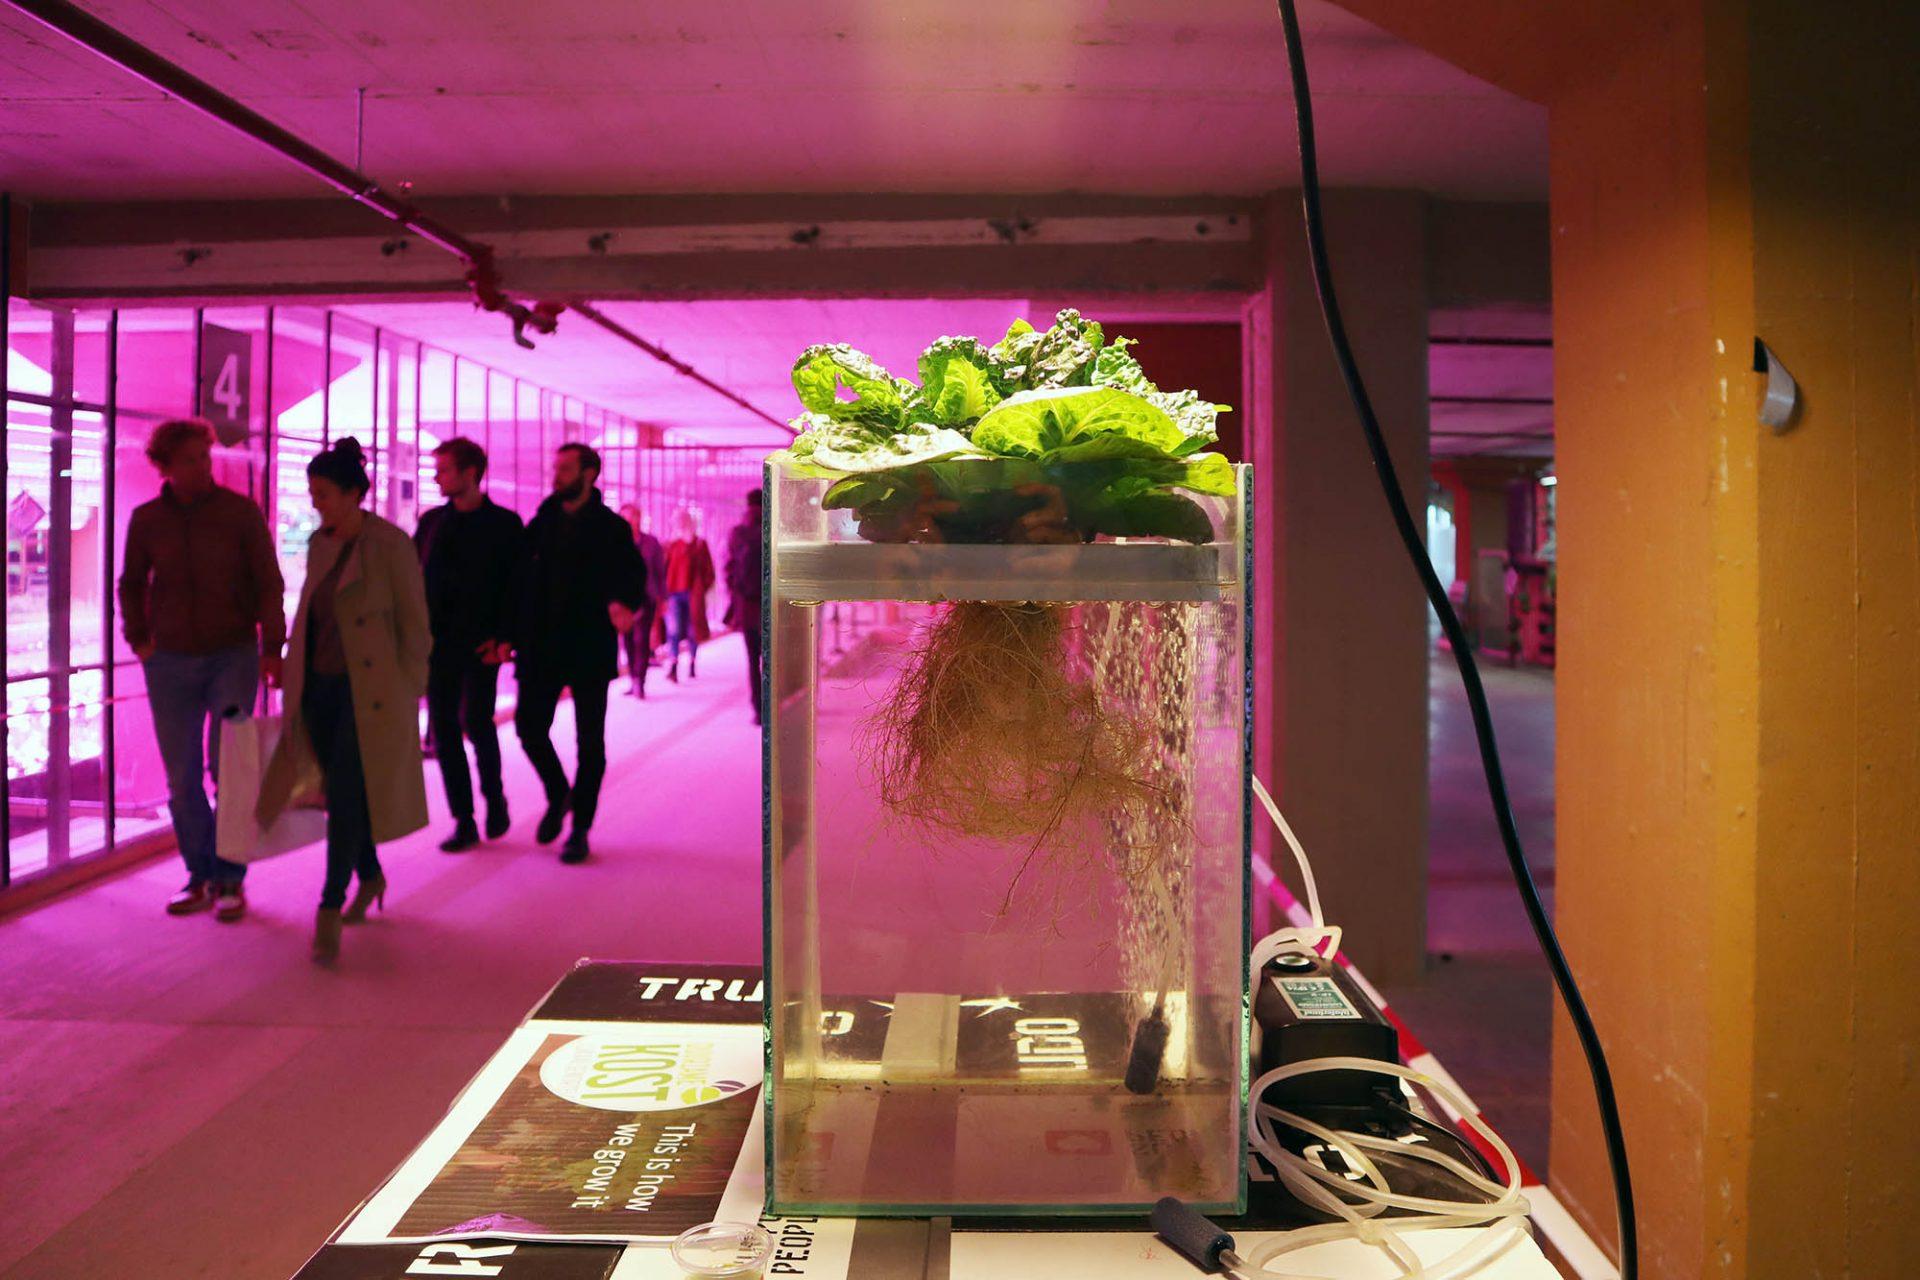 Strijp-S. Aber das neue Quartier weist mit innovativen Projekten in die Zukunft, wie das selbstversorgende Urban Farming-Projekt Duurzame Kost auf einer der ehemaligen Fabriketagen.